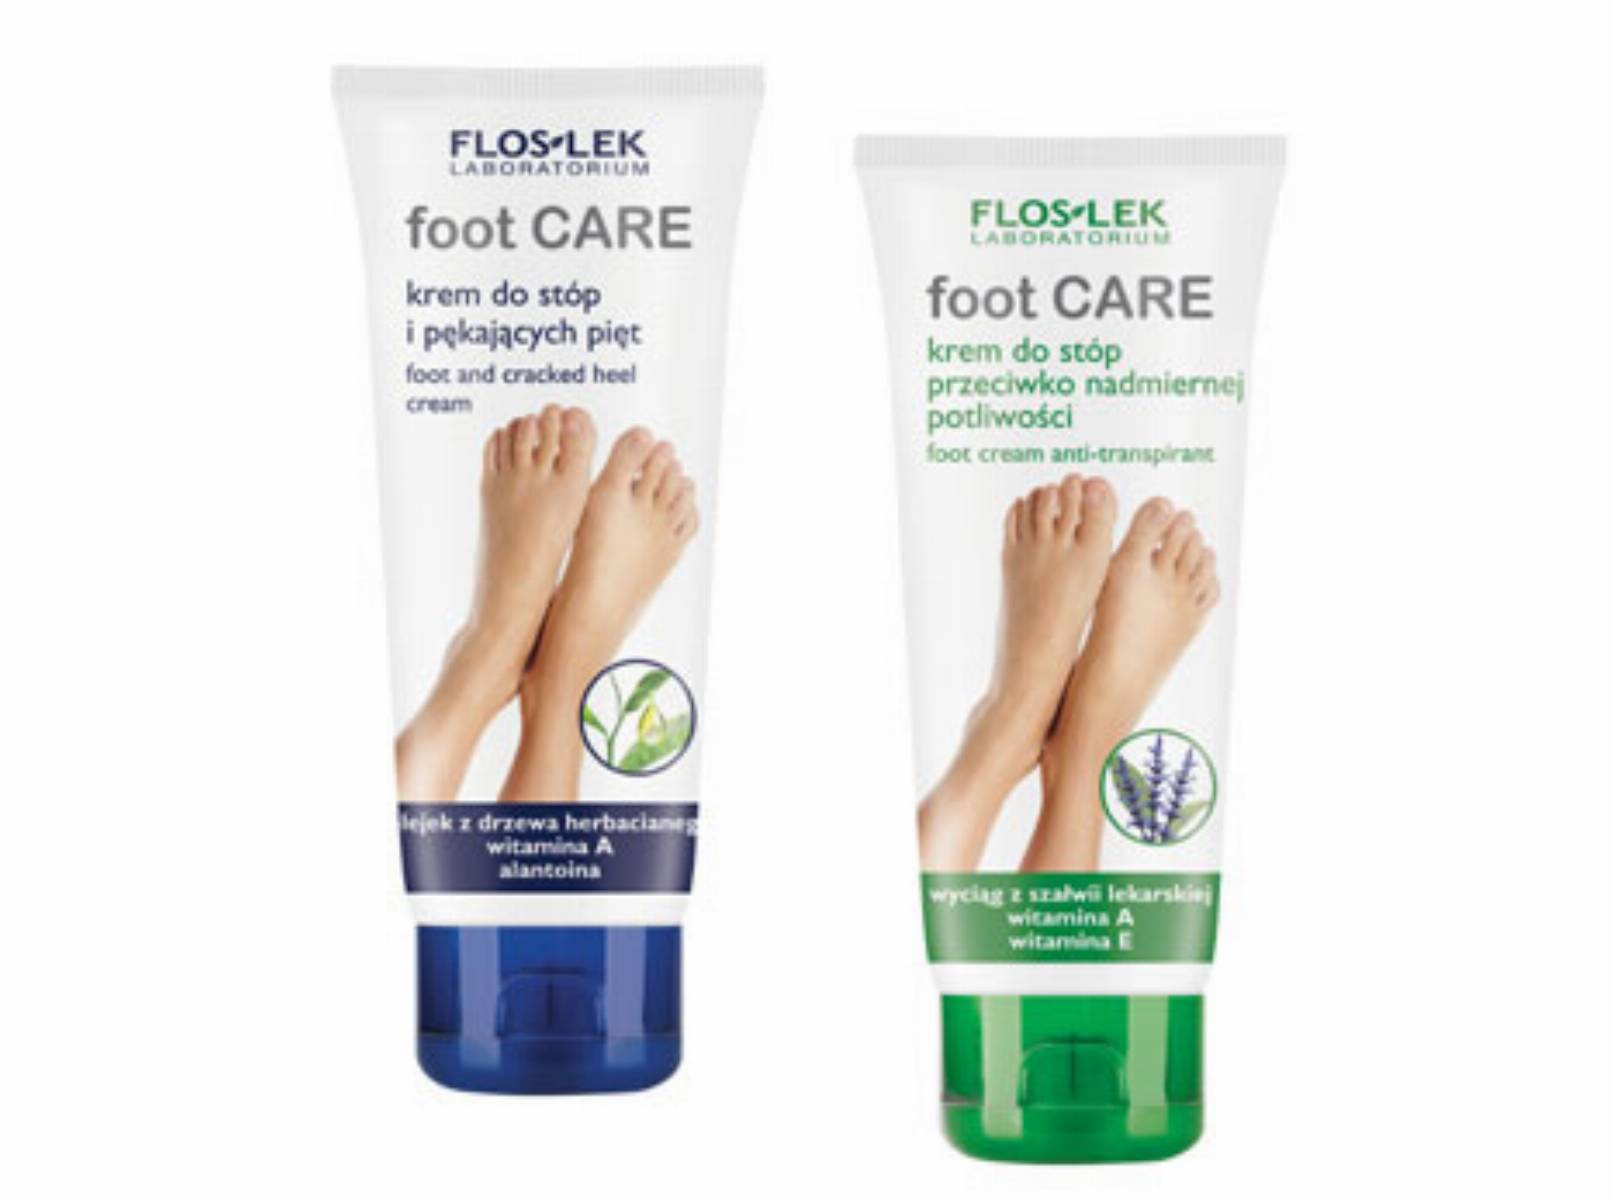 FLOSLEK Foot Care